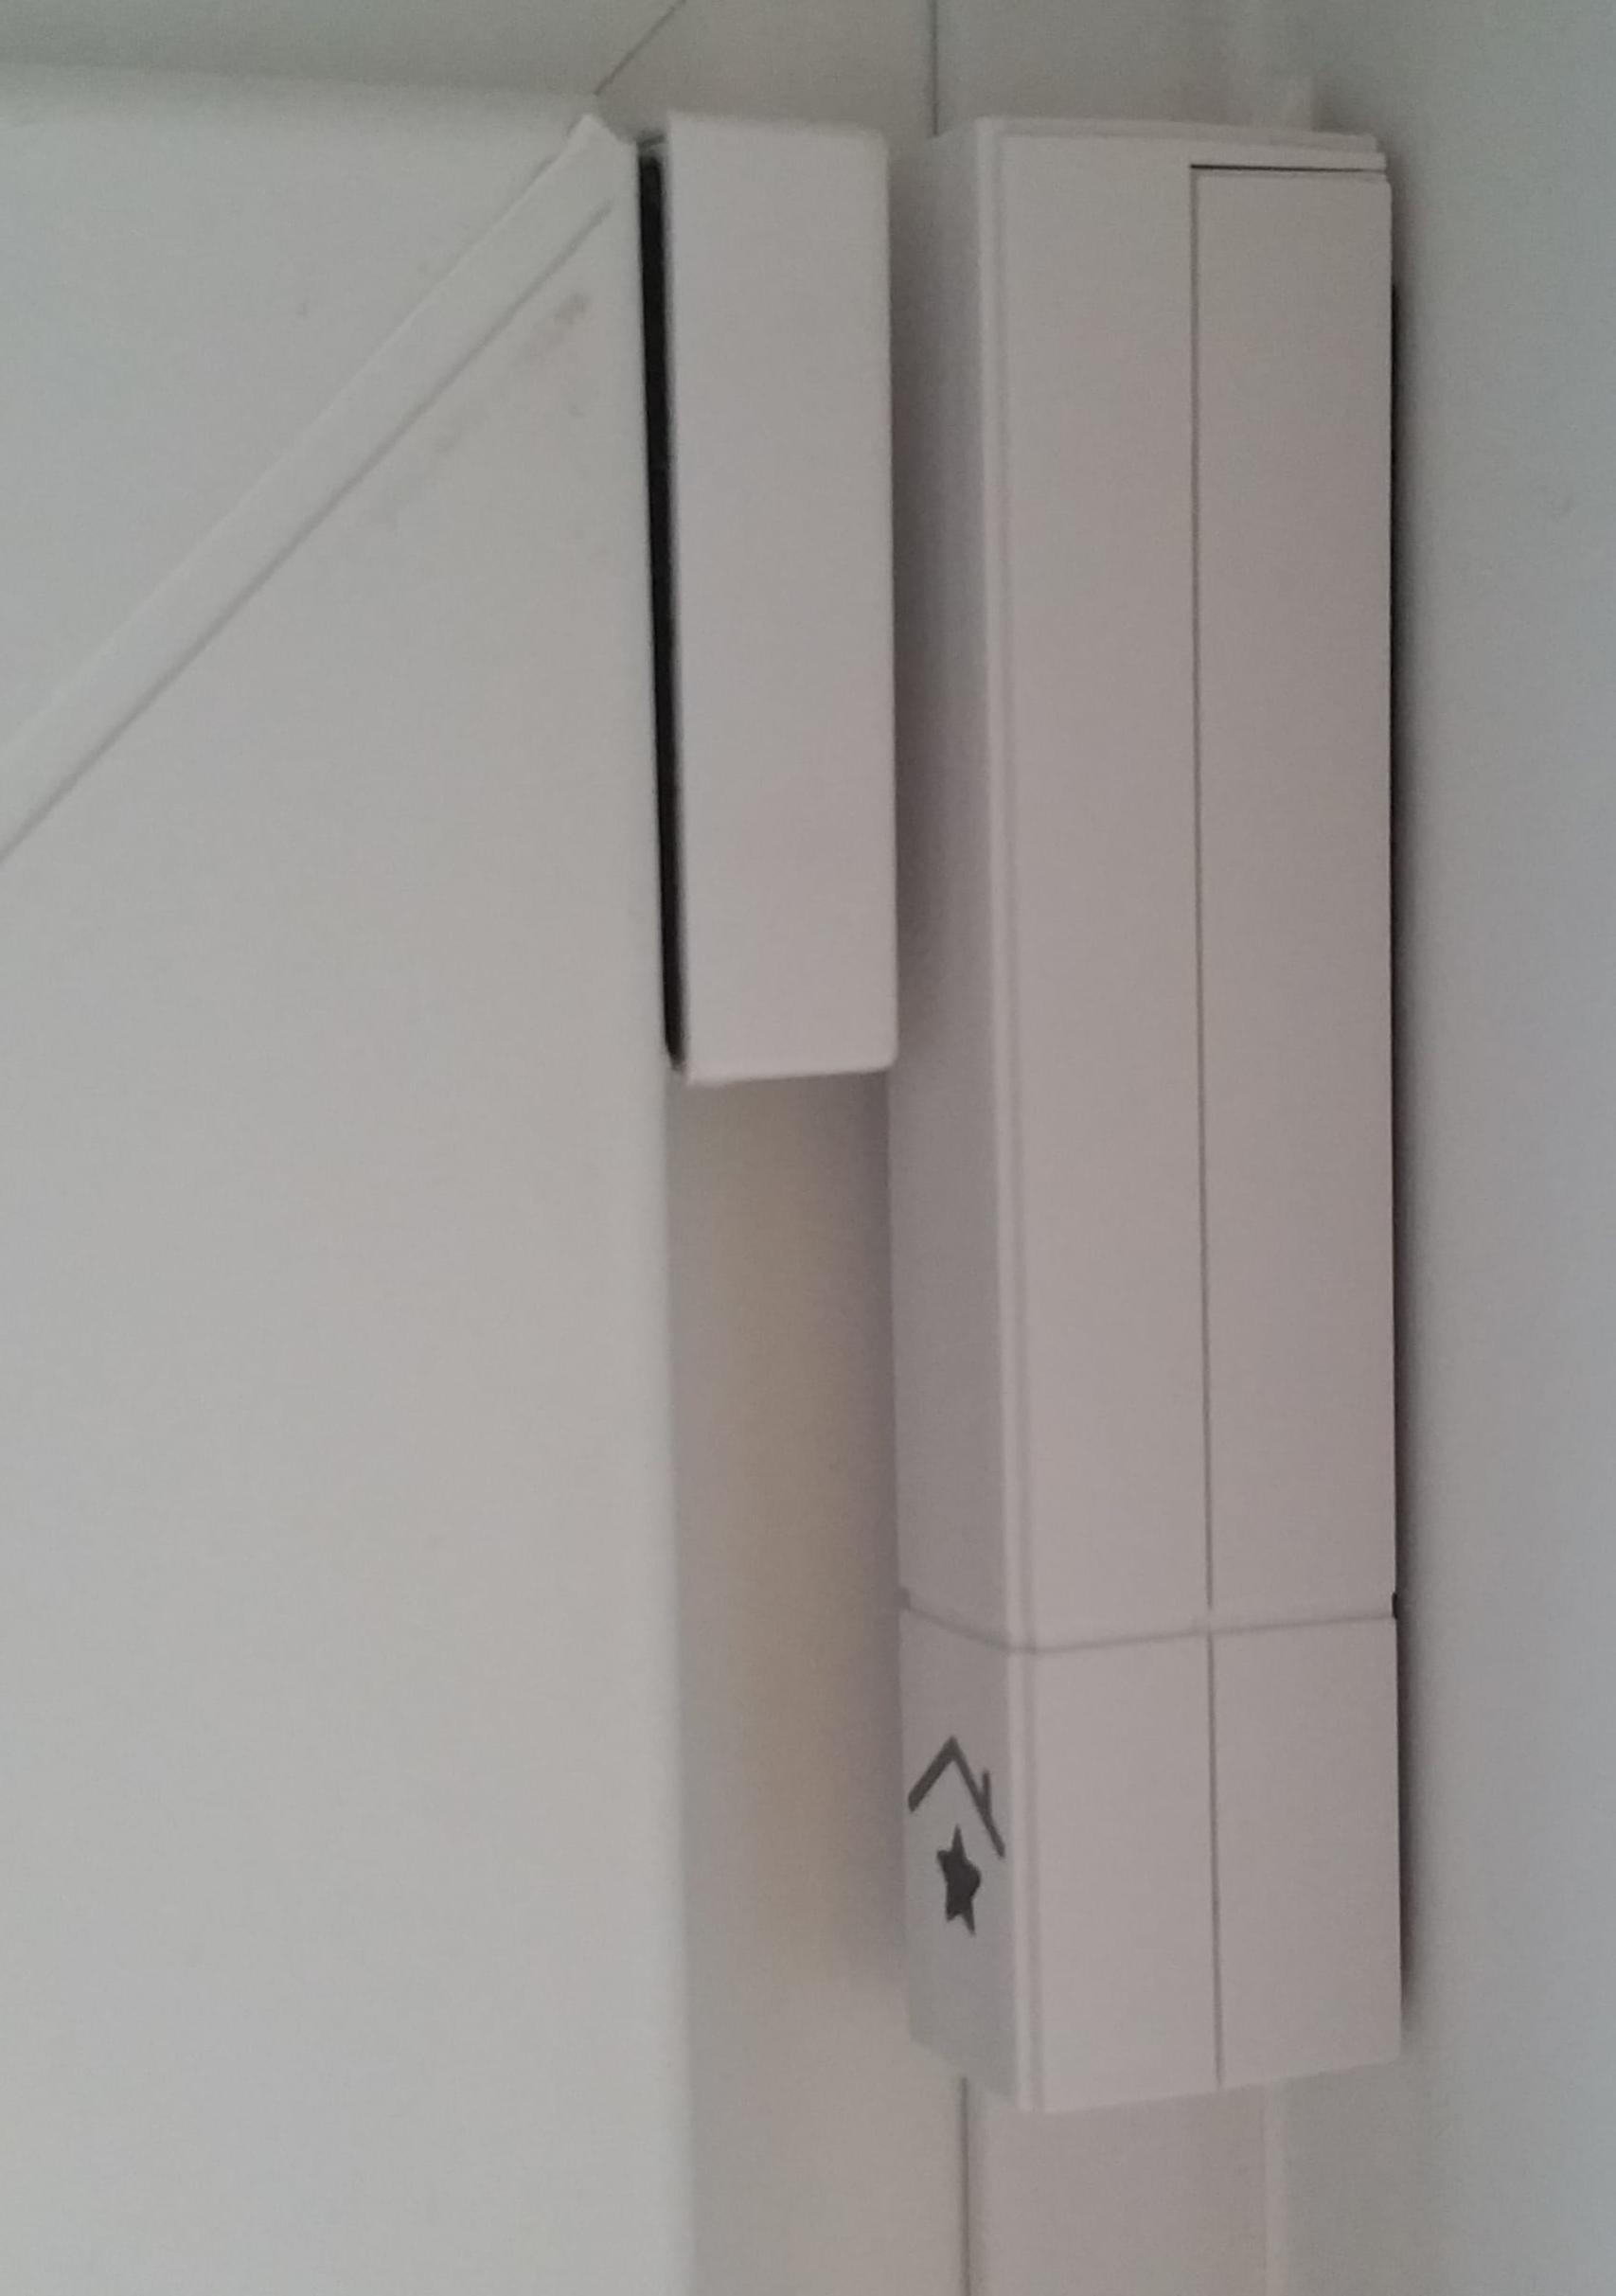 Full Size of Fenster Alarmanlage Landi Test Mit Fernbedienung Bauhaus Funk App Ratgeber Tr Und Fenstersensor Fr Alarmanlagen Kaufberatung Verdunkeln Konfigurieren Schüco Fenster Fenster Alarmanlage